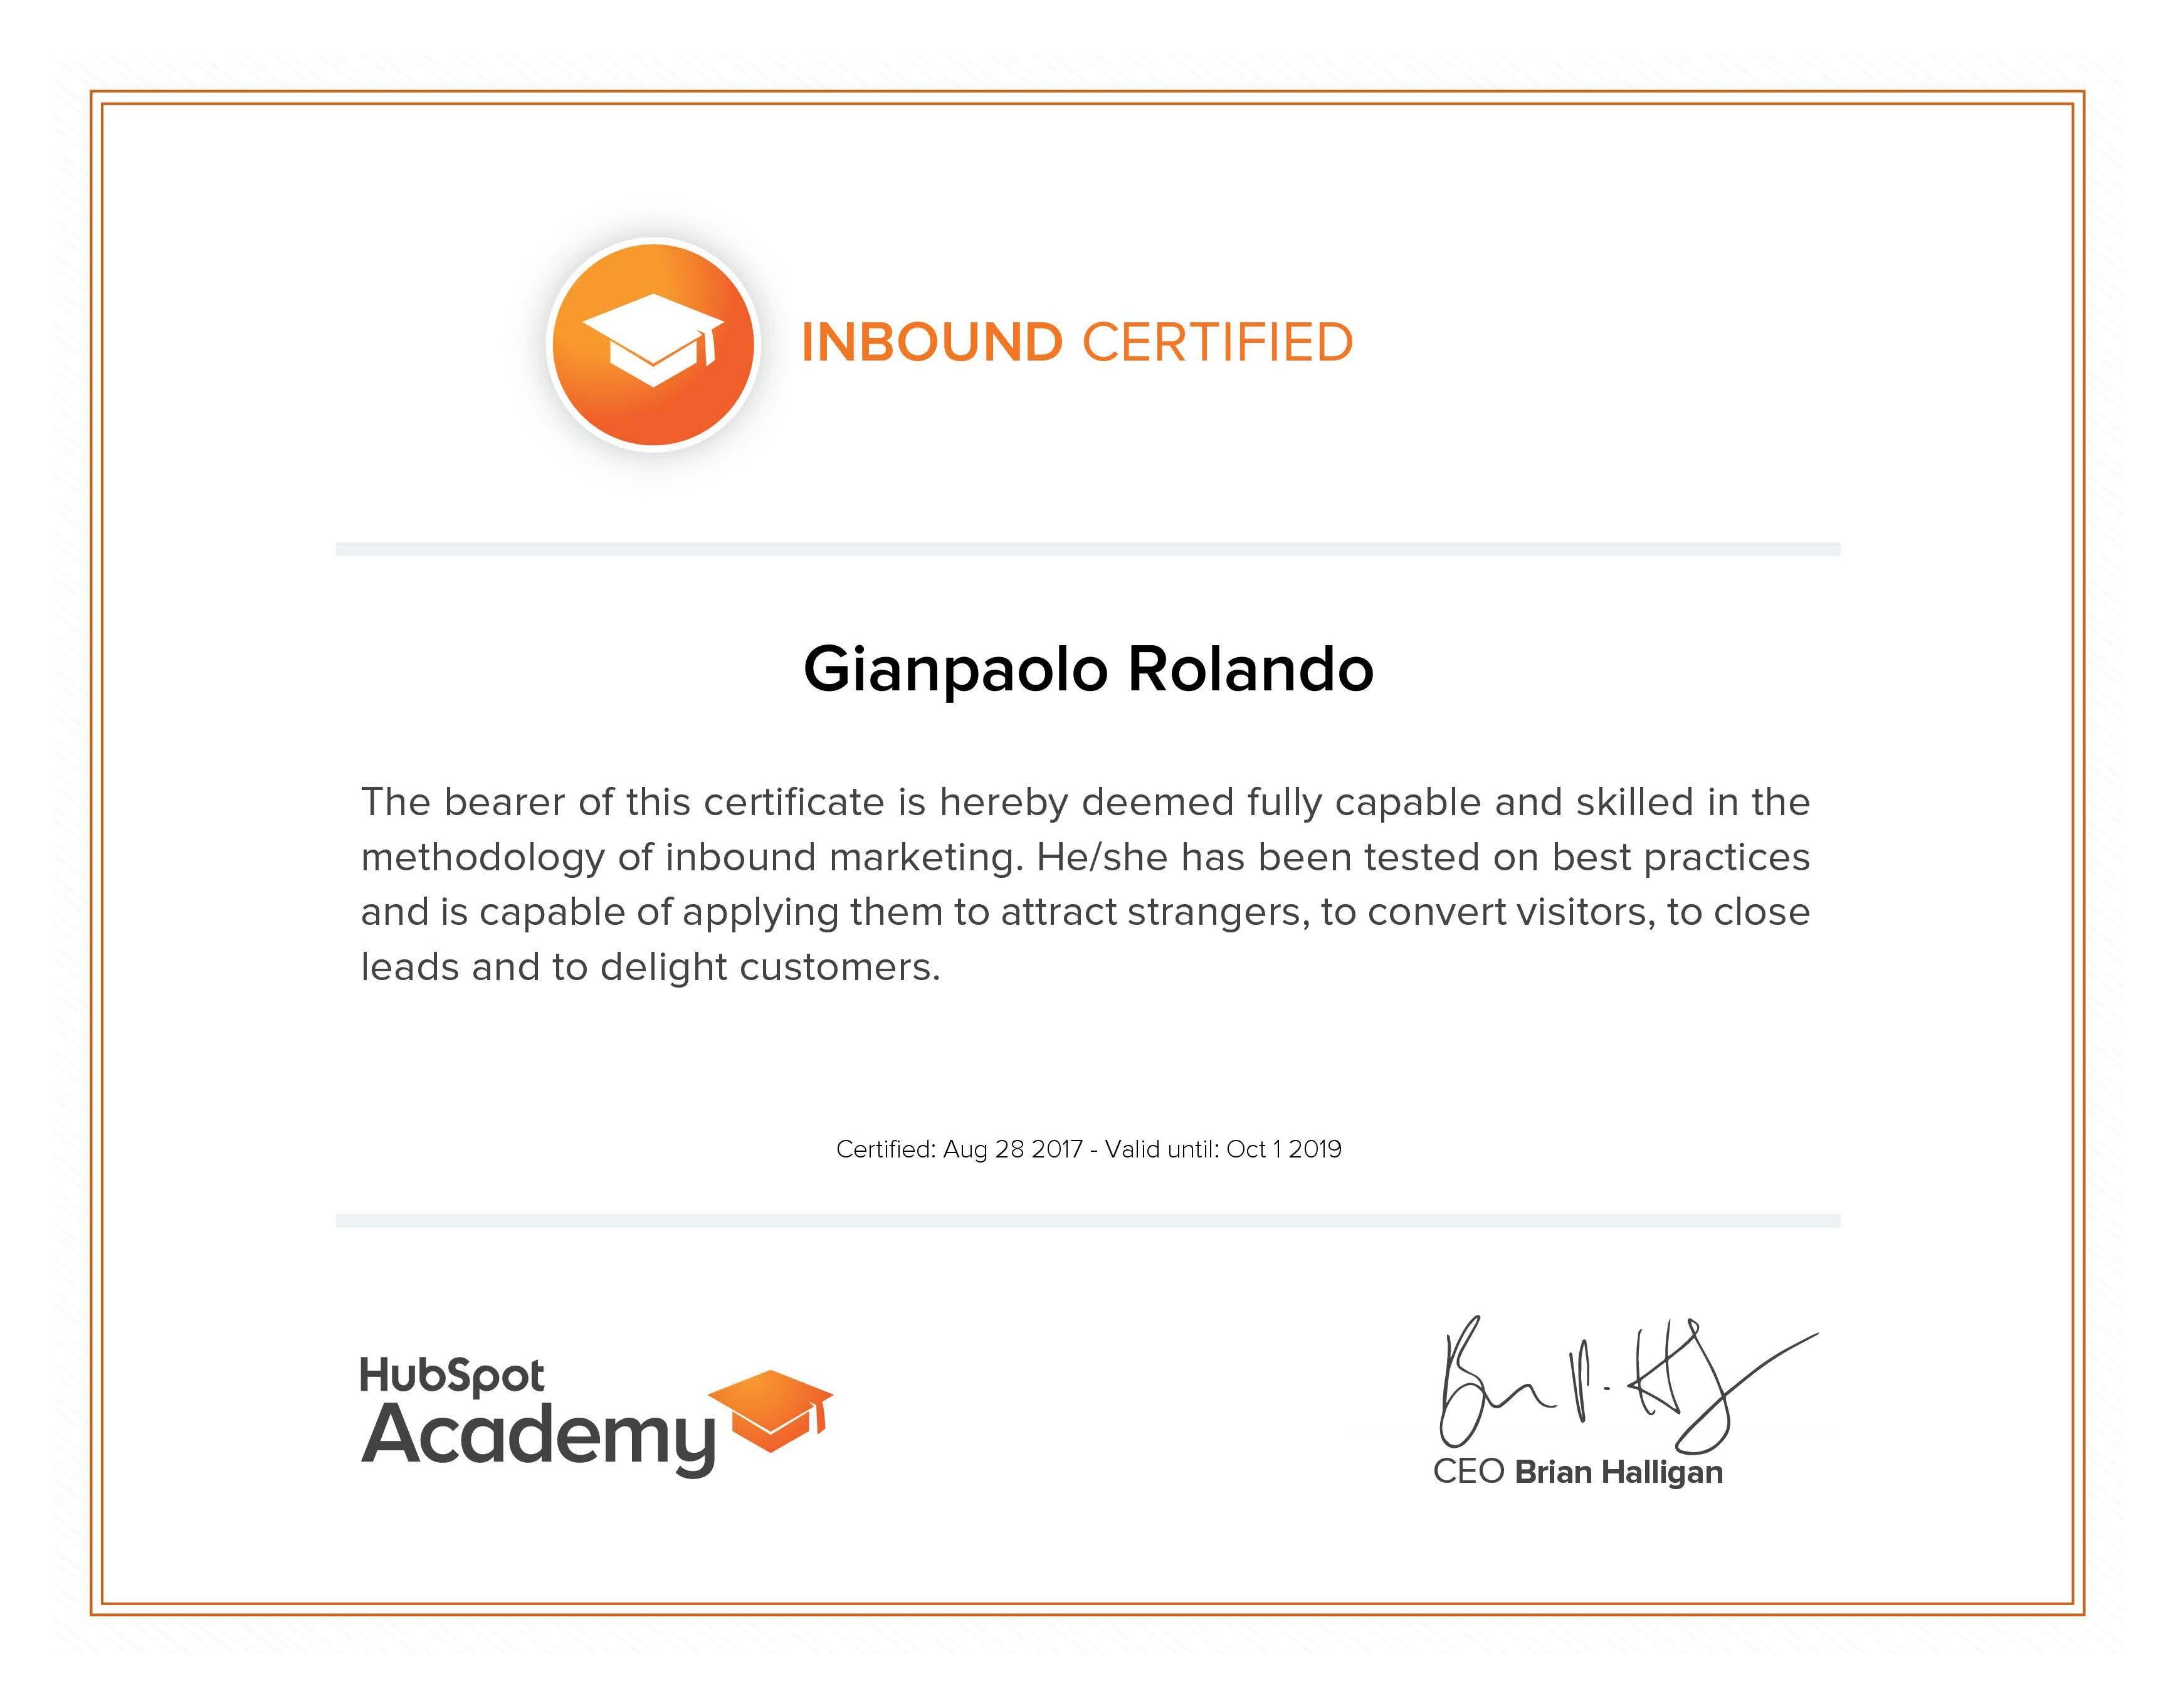 Gianpaolo Rolando Certificazione InBound HubSpot Accademy